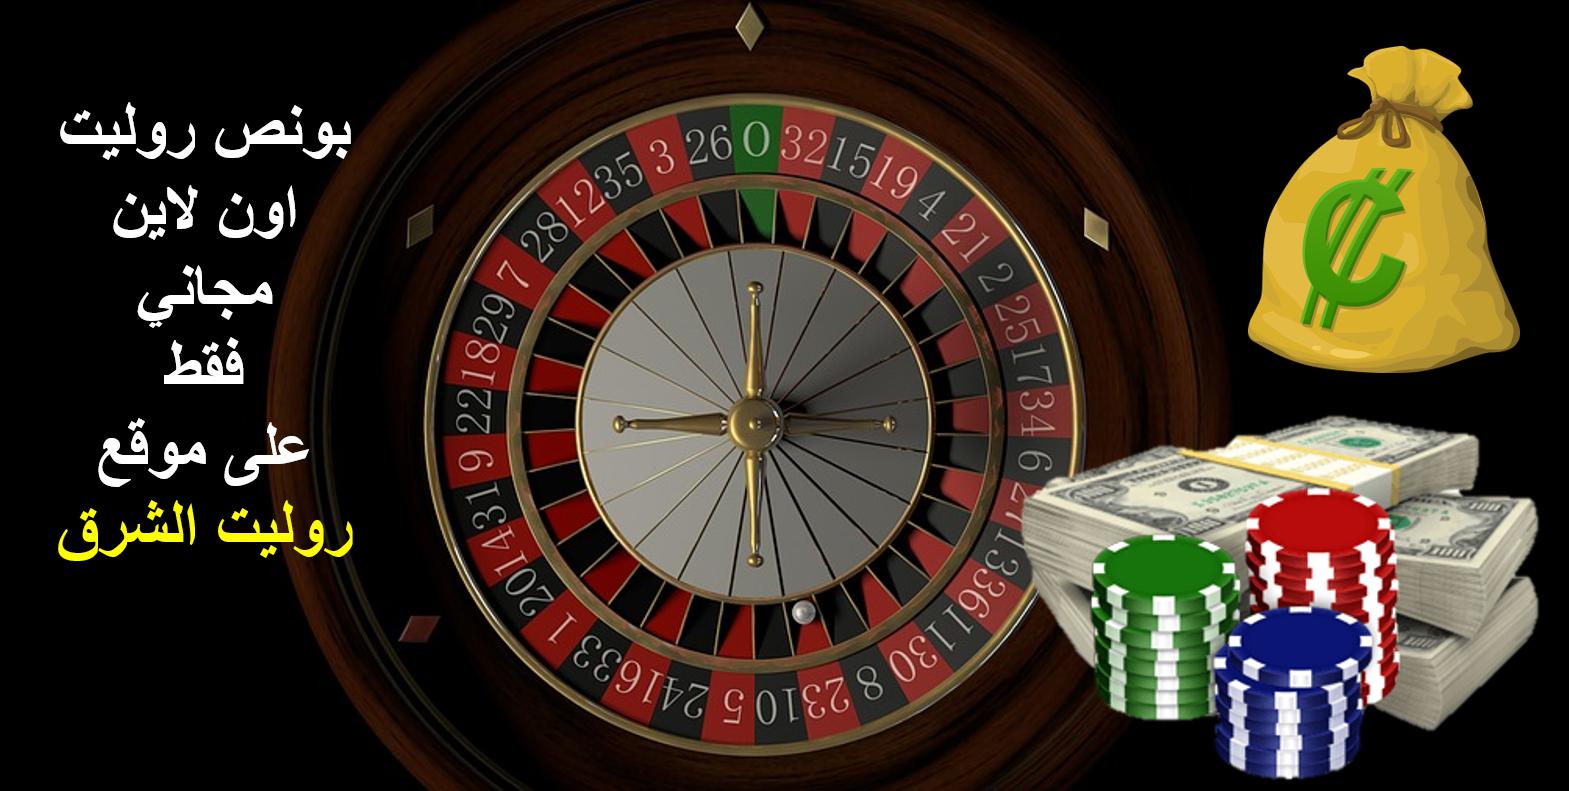 أخبار لعبة الروليت - 12040